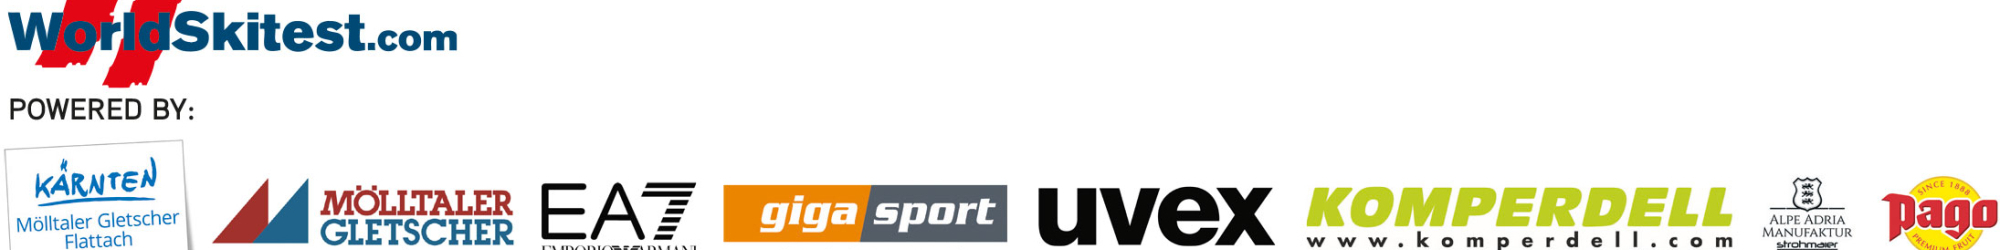 Sponsoren und Partner des Skitests 2021/2022